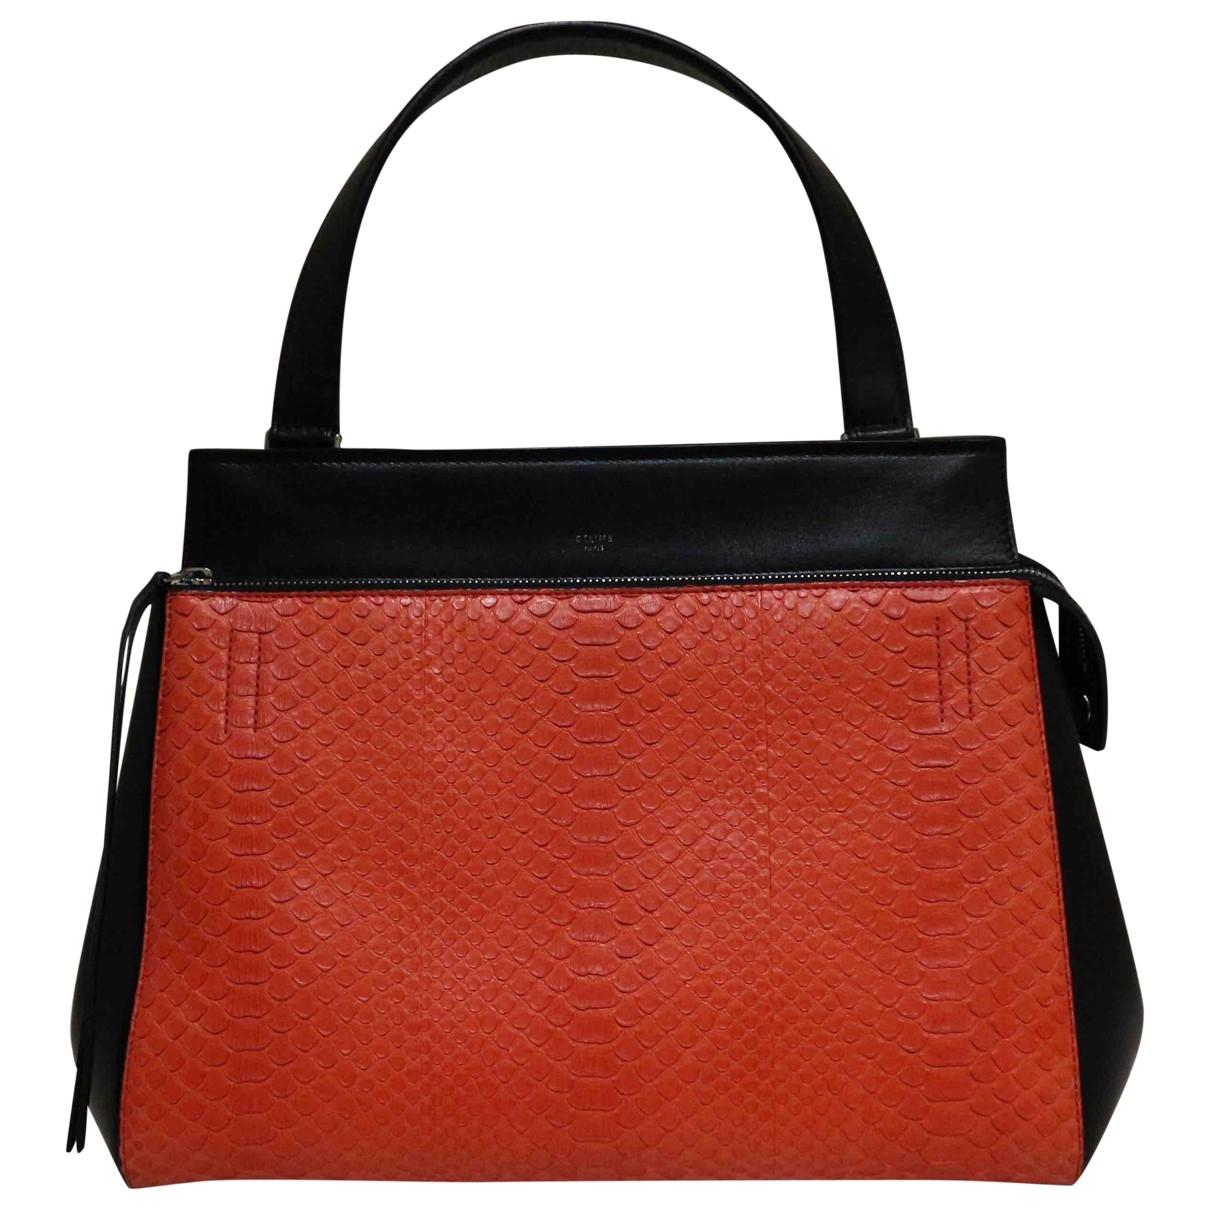 Celine Edge Handtasche in  Bunt Leder